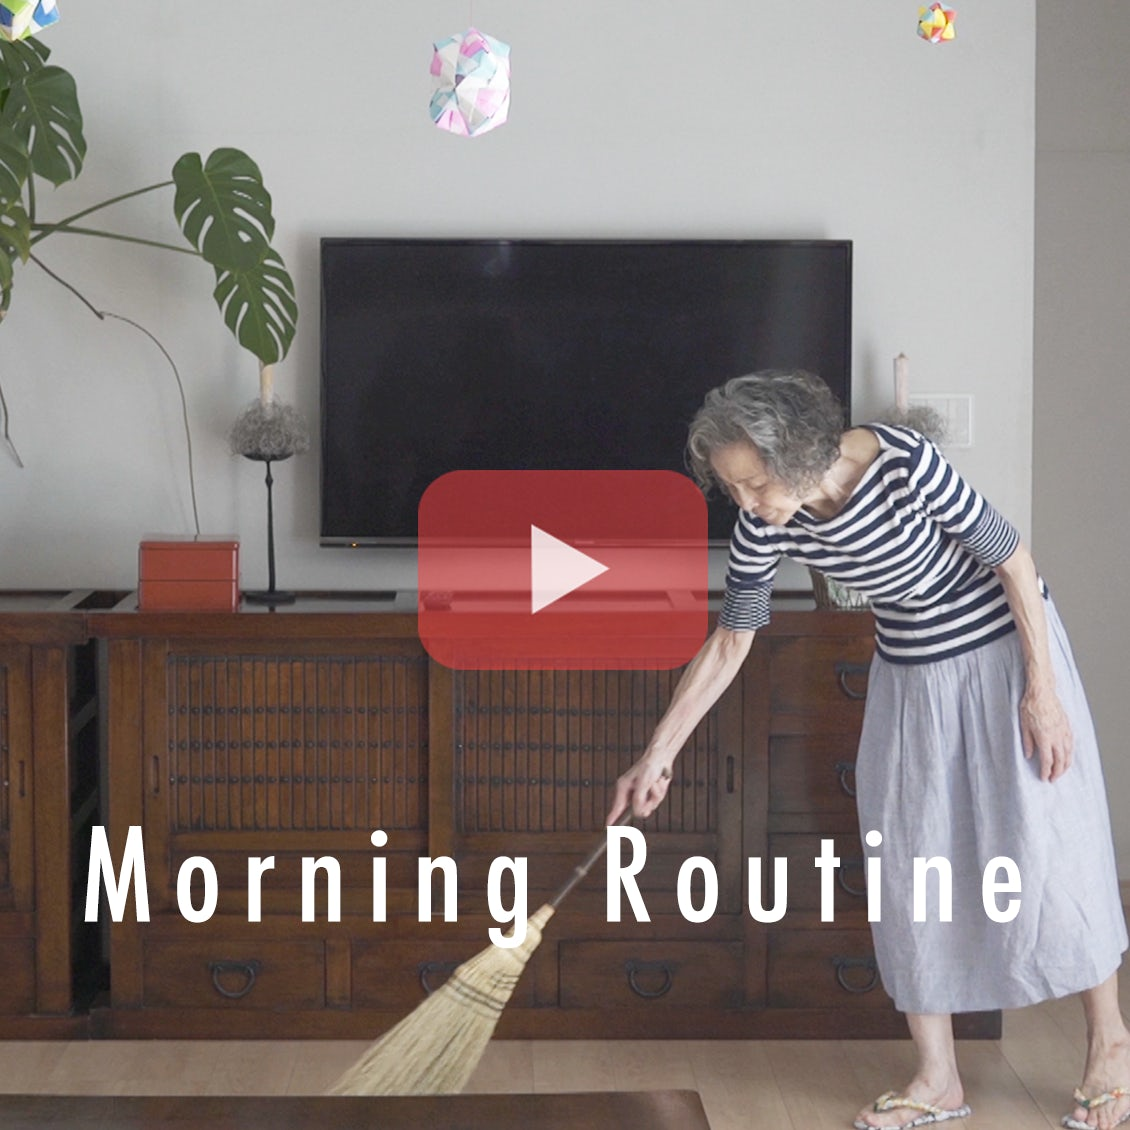 【わたしの朝習慣】42年の主婦業でたどりついた。家事をスムーズにする、毎朝のルーティンとは